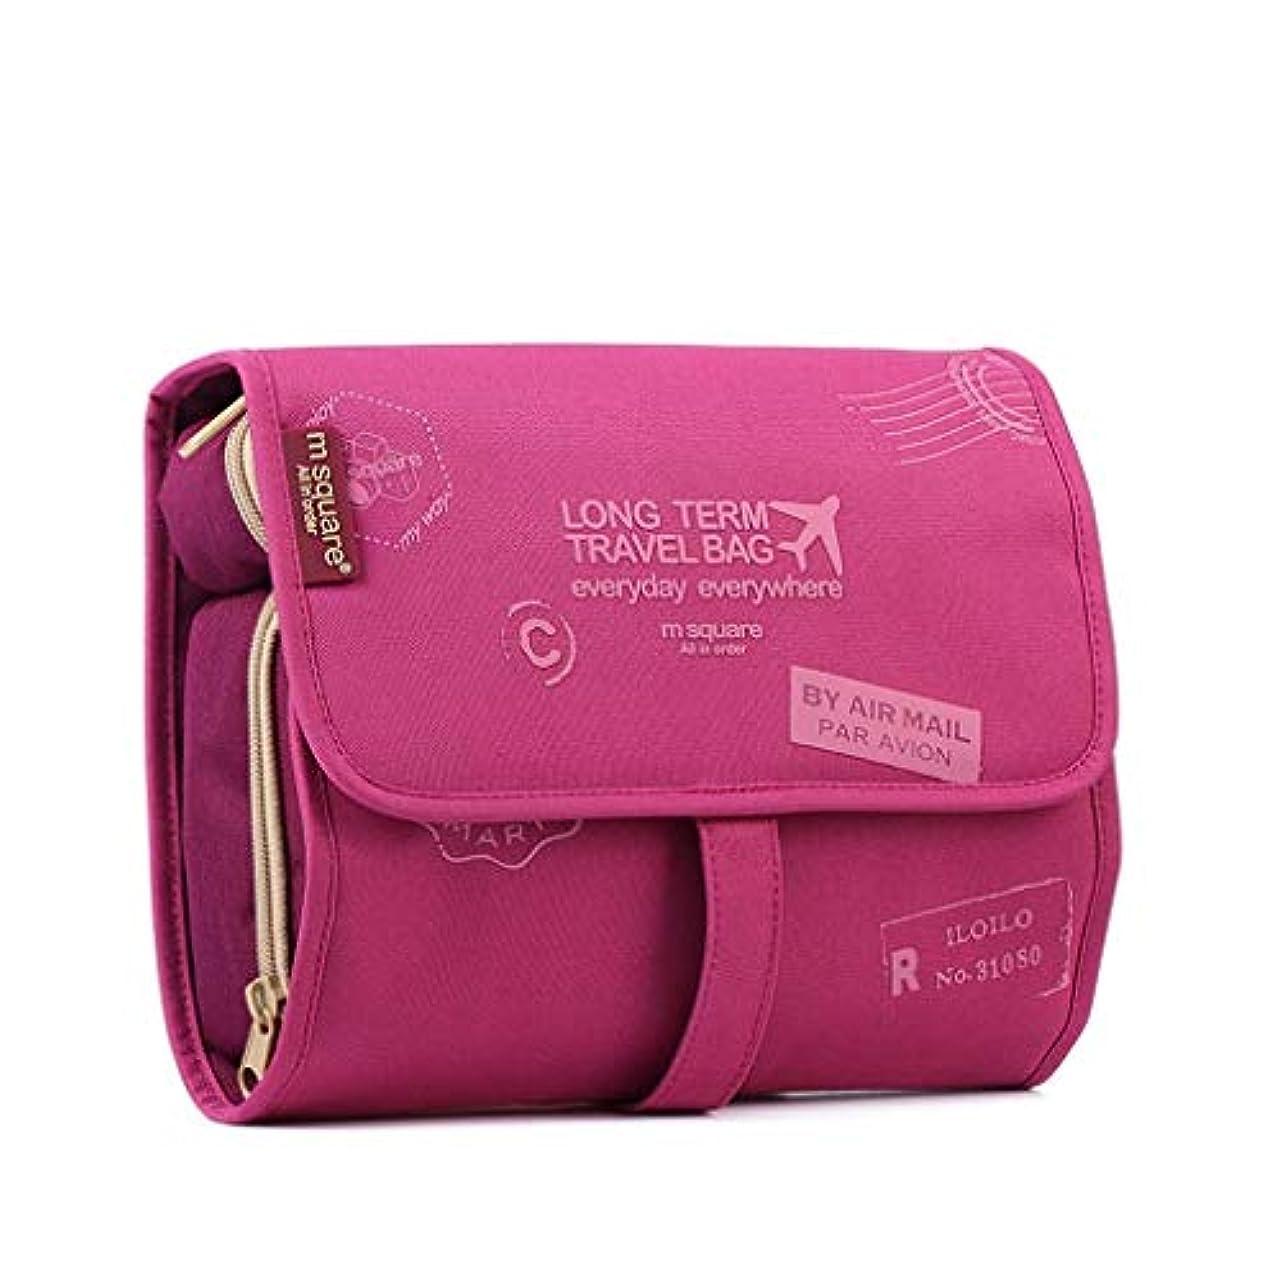 橋脚壮大な消費者旅行収納ウォッシュバッグ、大型化粧品バッグ大容量女性男性ポータブル旅行ビジネス-23.5 * 6 * 18 cm(カラー:4)